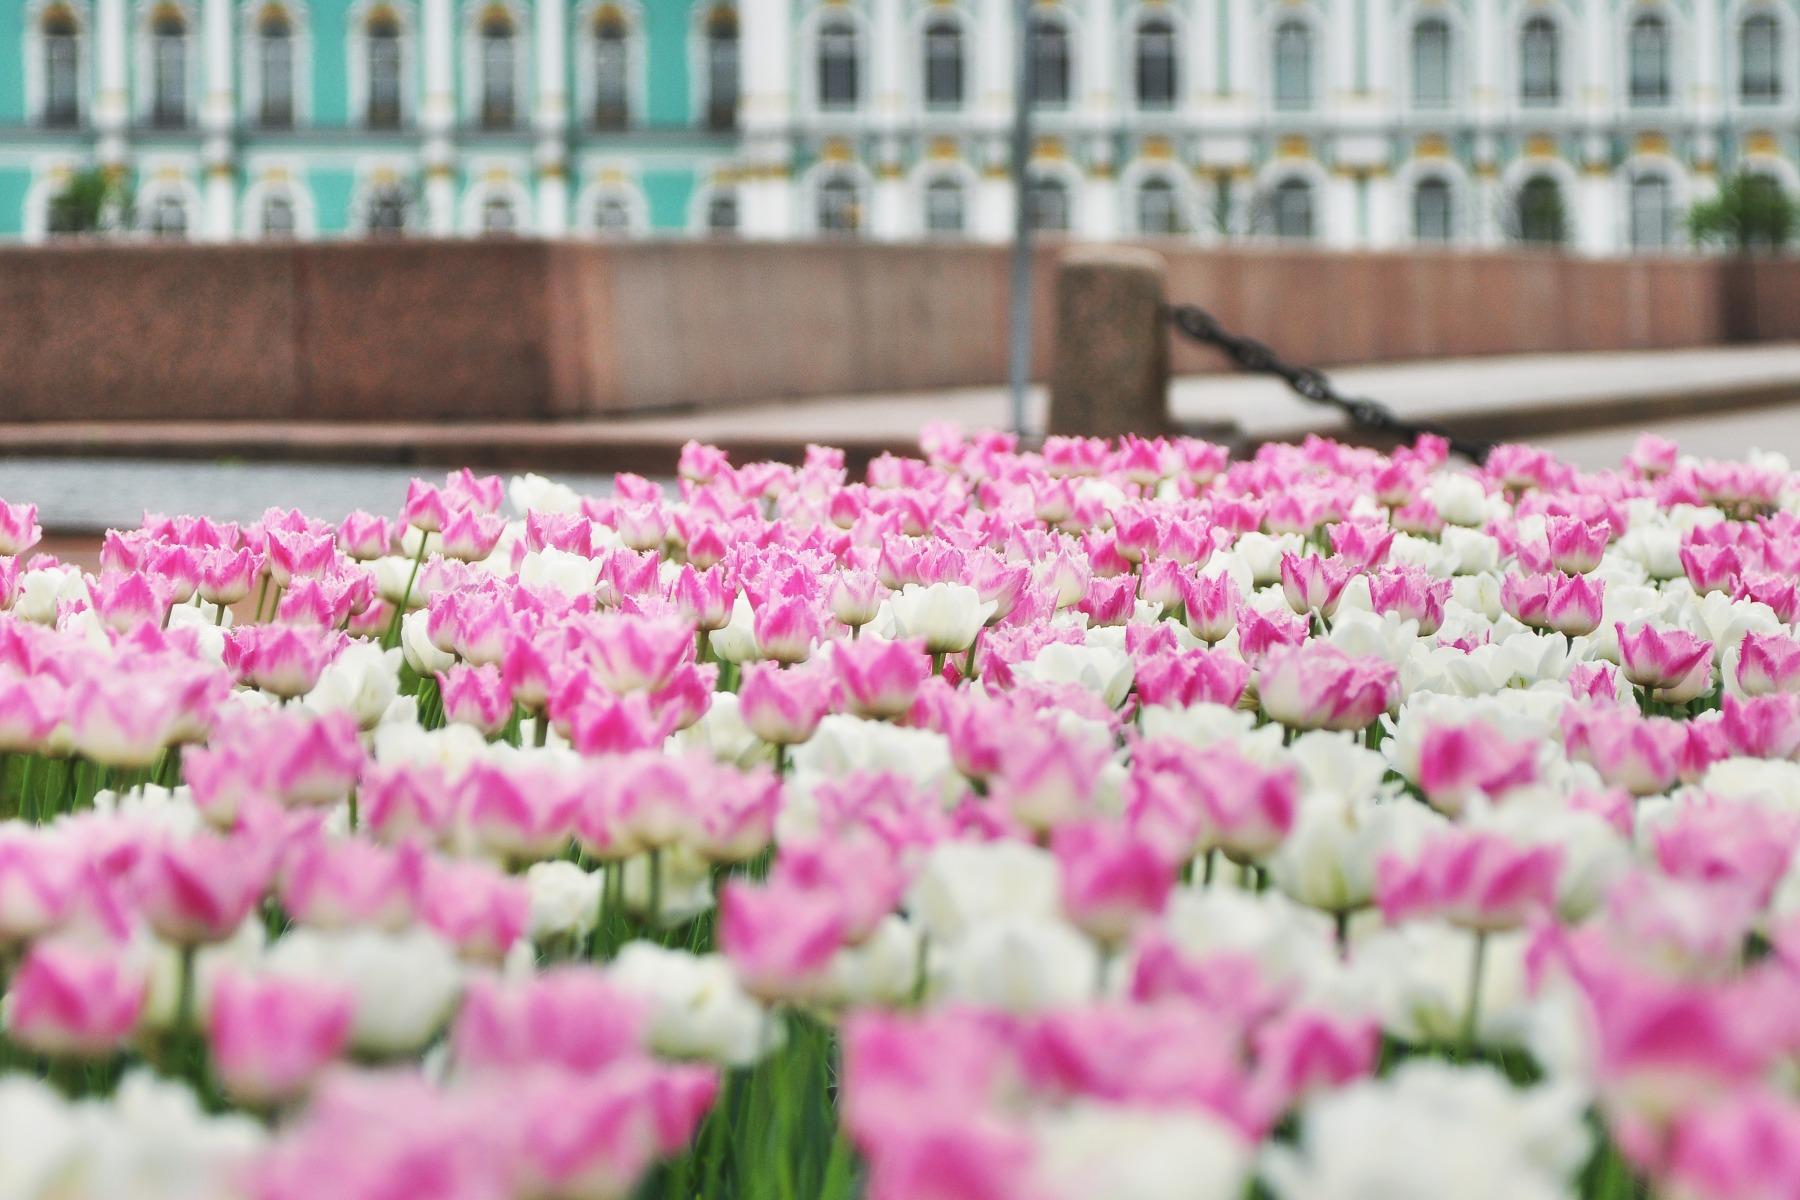 каких фотообои для рабочего стола весна спб можно расположить